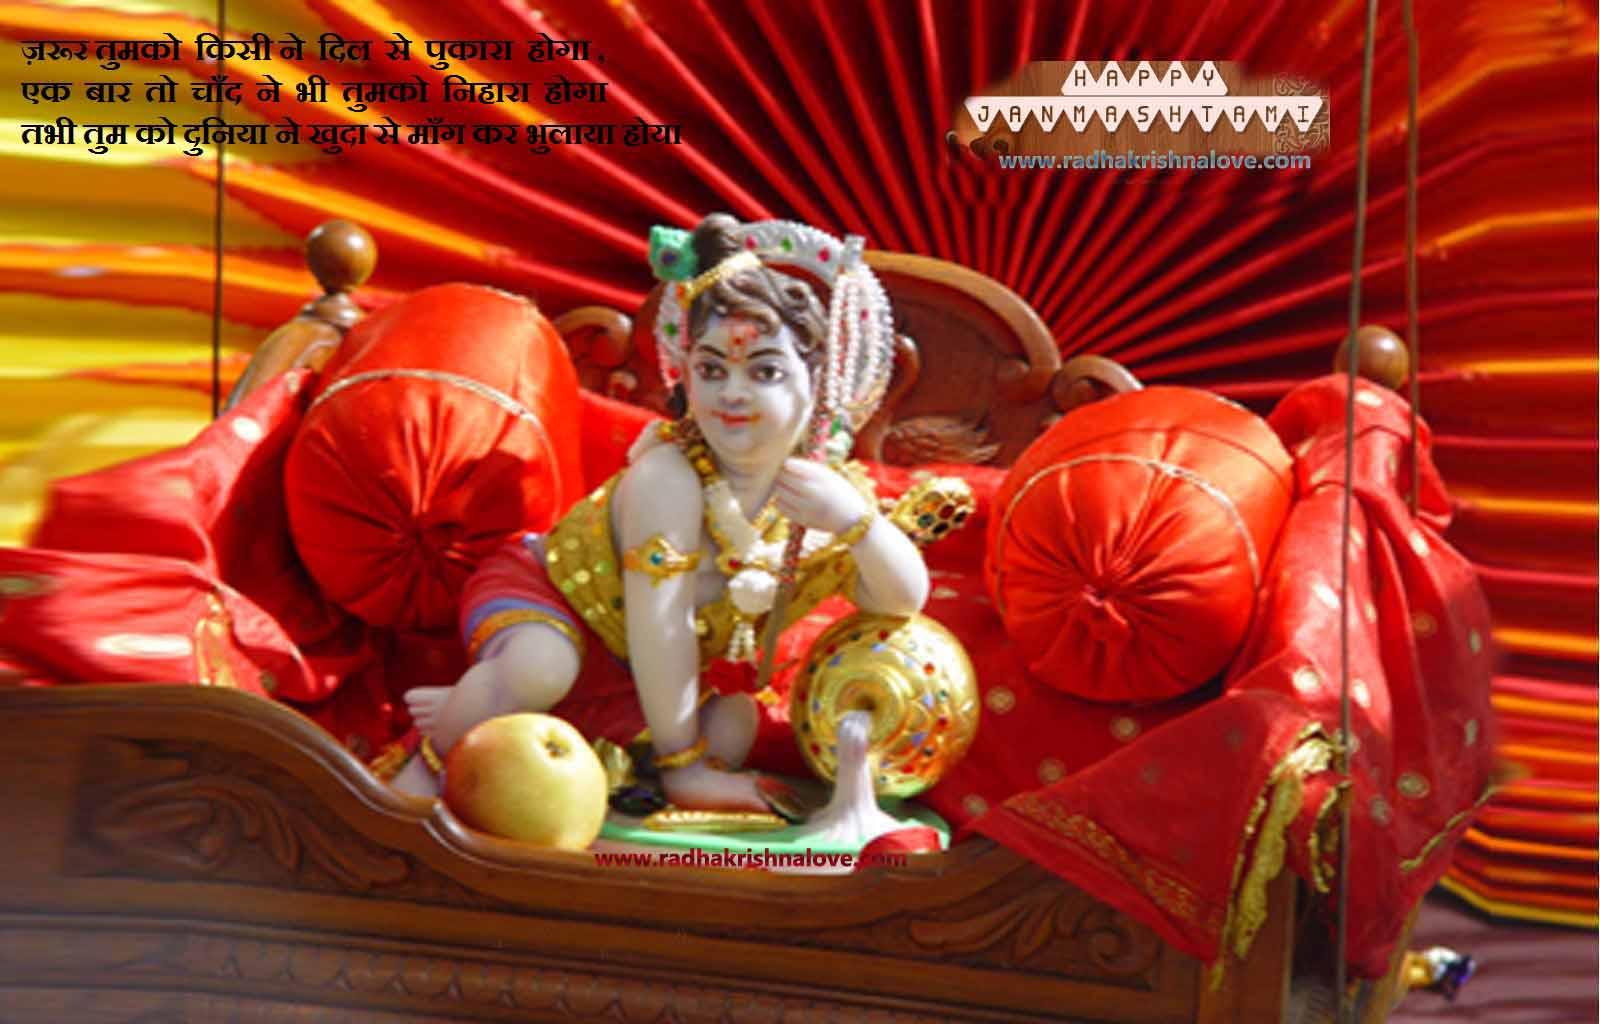 Radha Krishna Janmashtami Quotes